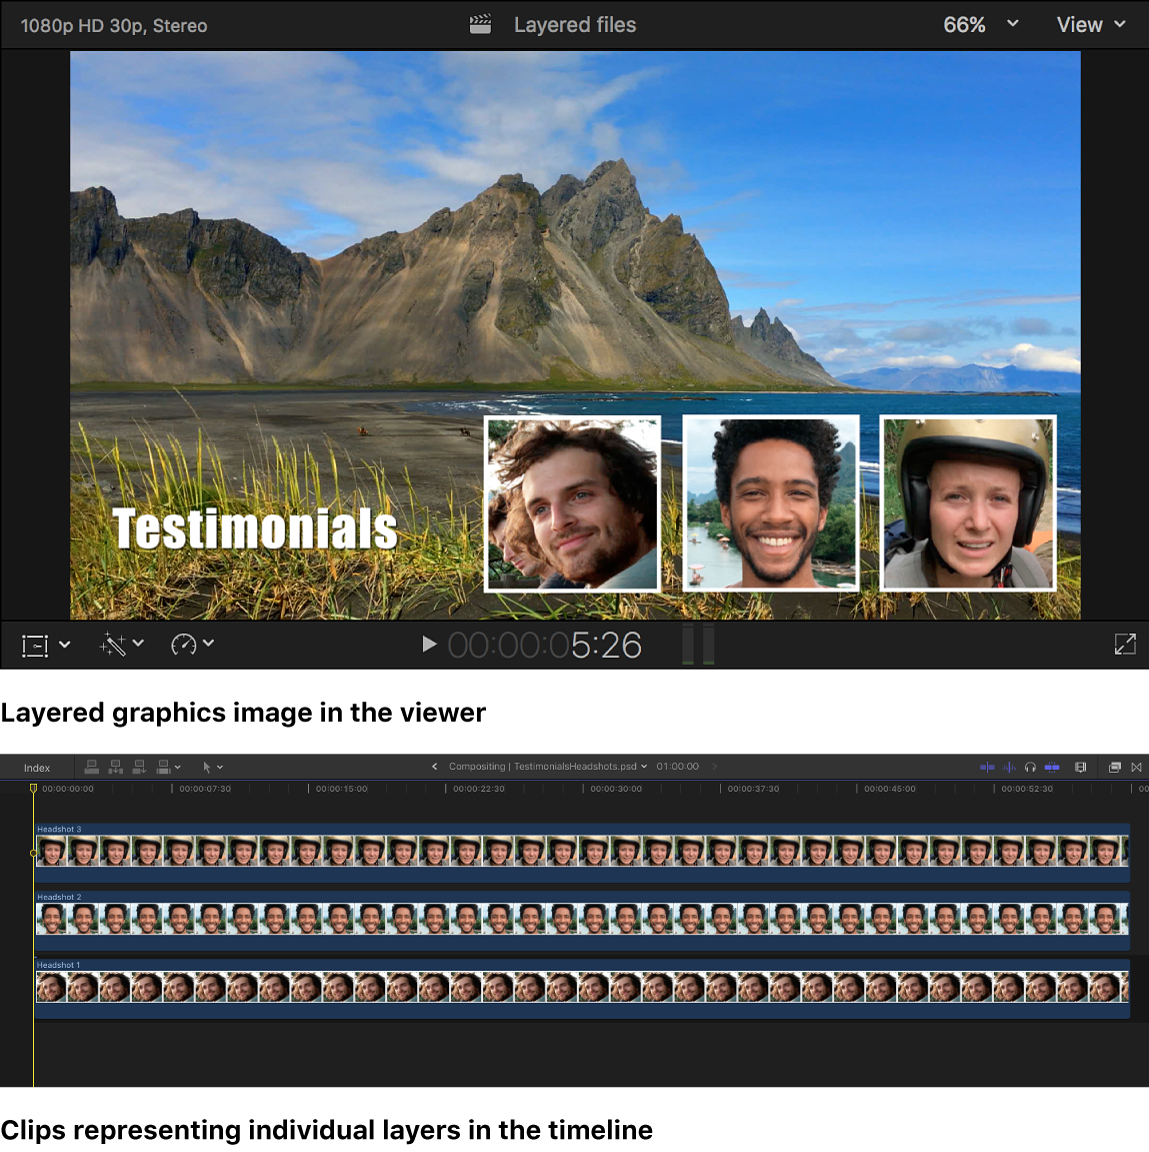 Capas de PSD convertidas en clips en la línea de tiempo